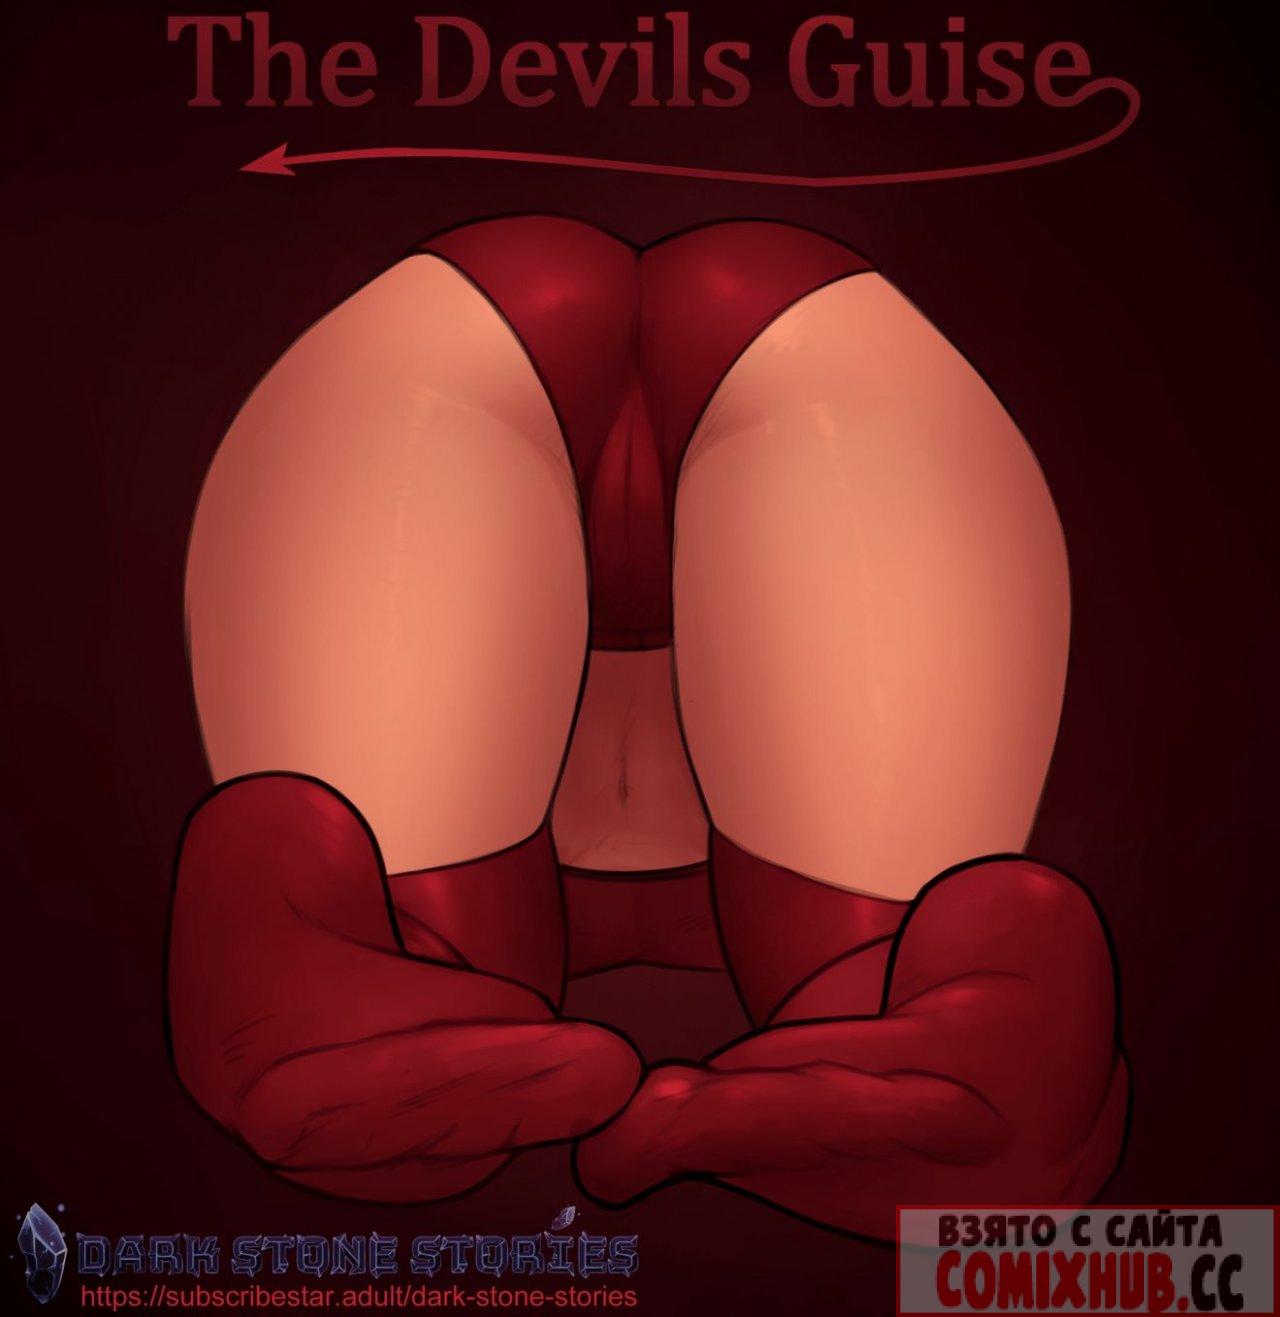 Порно комикс Облик дьявола. JDSeal. Анал, Без цензуры, Минет